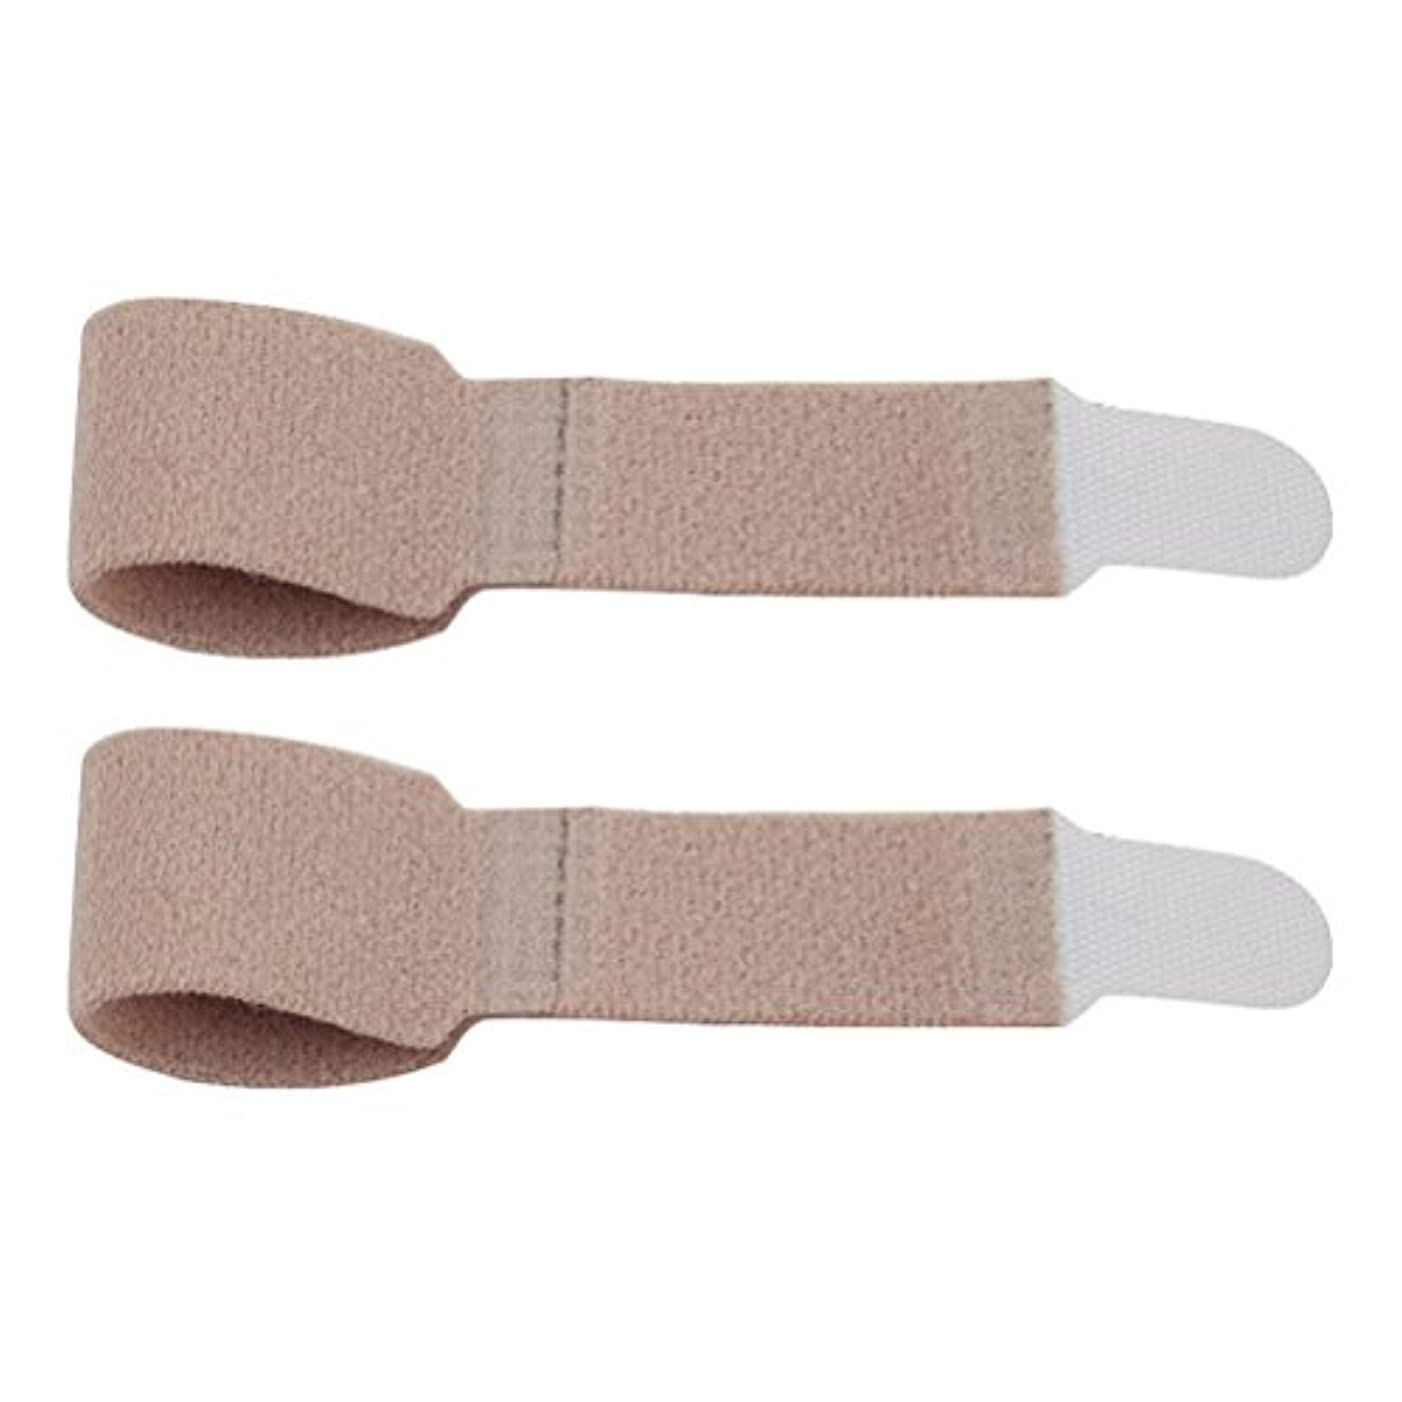 いつもウェイド石化するHealifty 足指サポーター 足指セパレーター 指兼用 指サポーター 包帯 外反母趾 足指矯正 姿勢補正 浮き指 保護 固定 悪化防止 1ペア